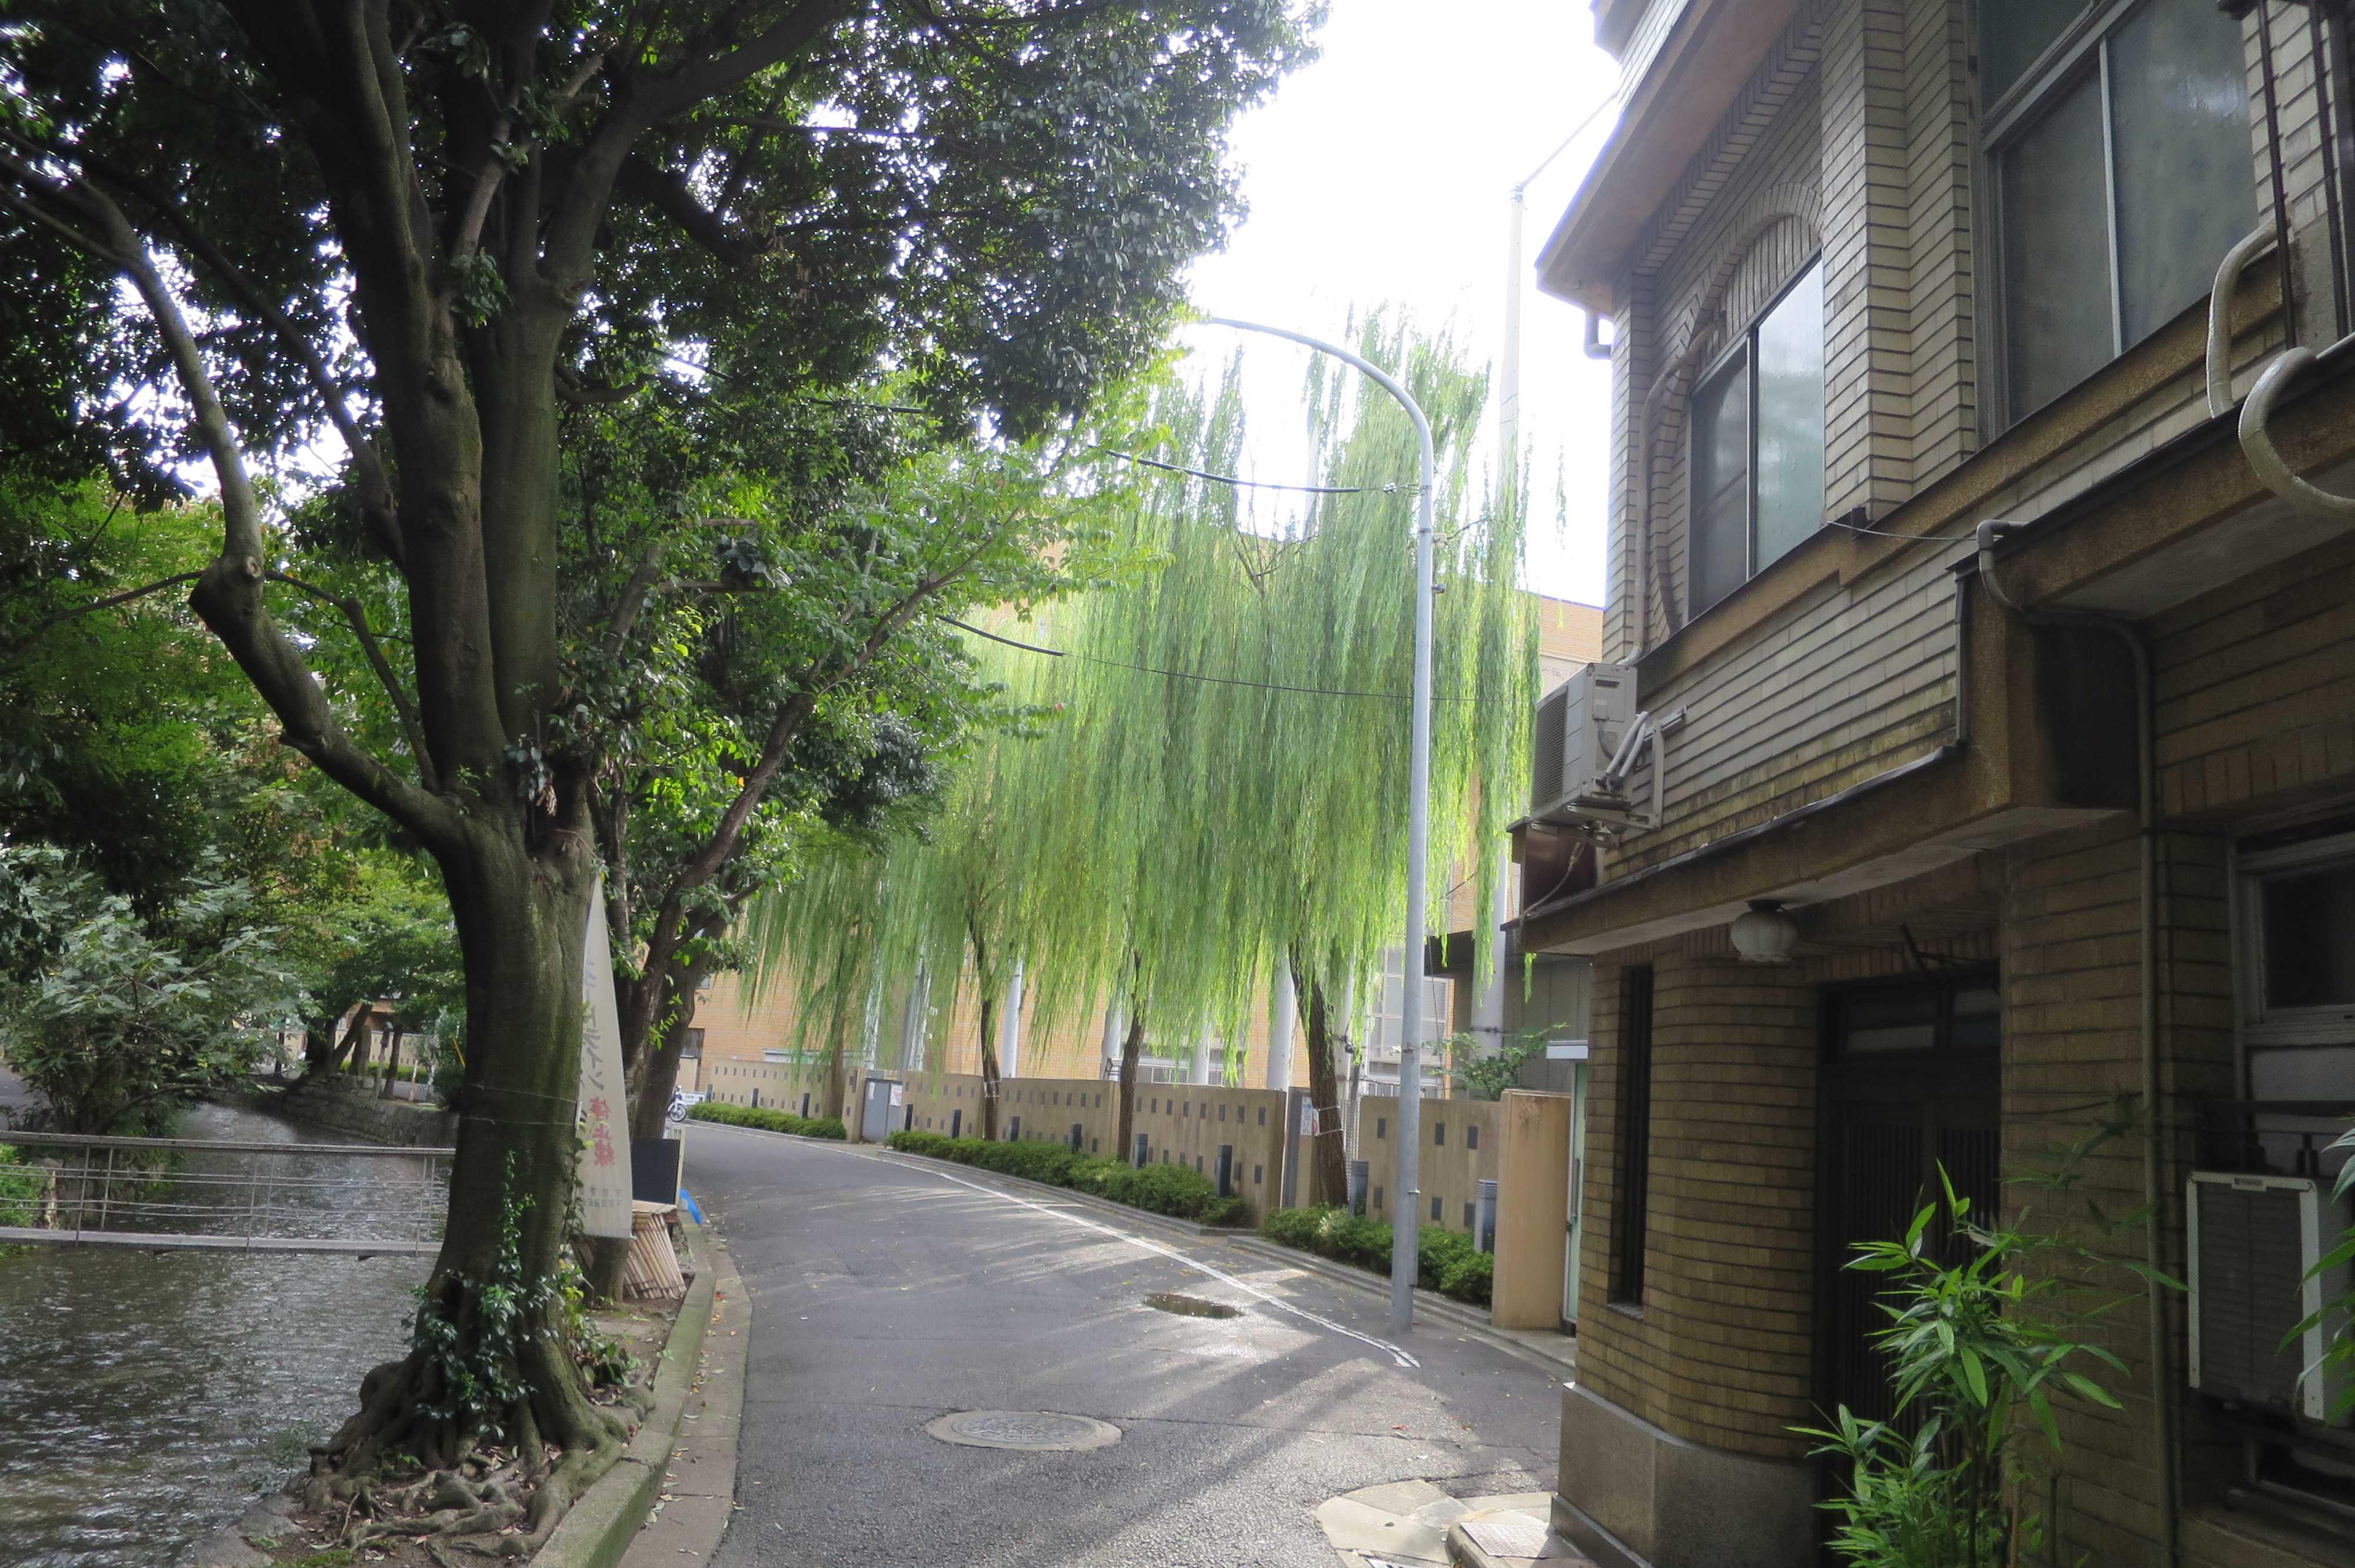 京都・五条楽園 - 美しく枝垂れる柳の木